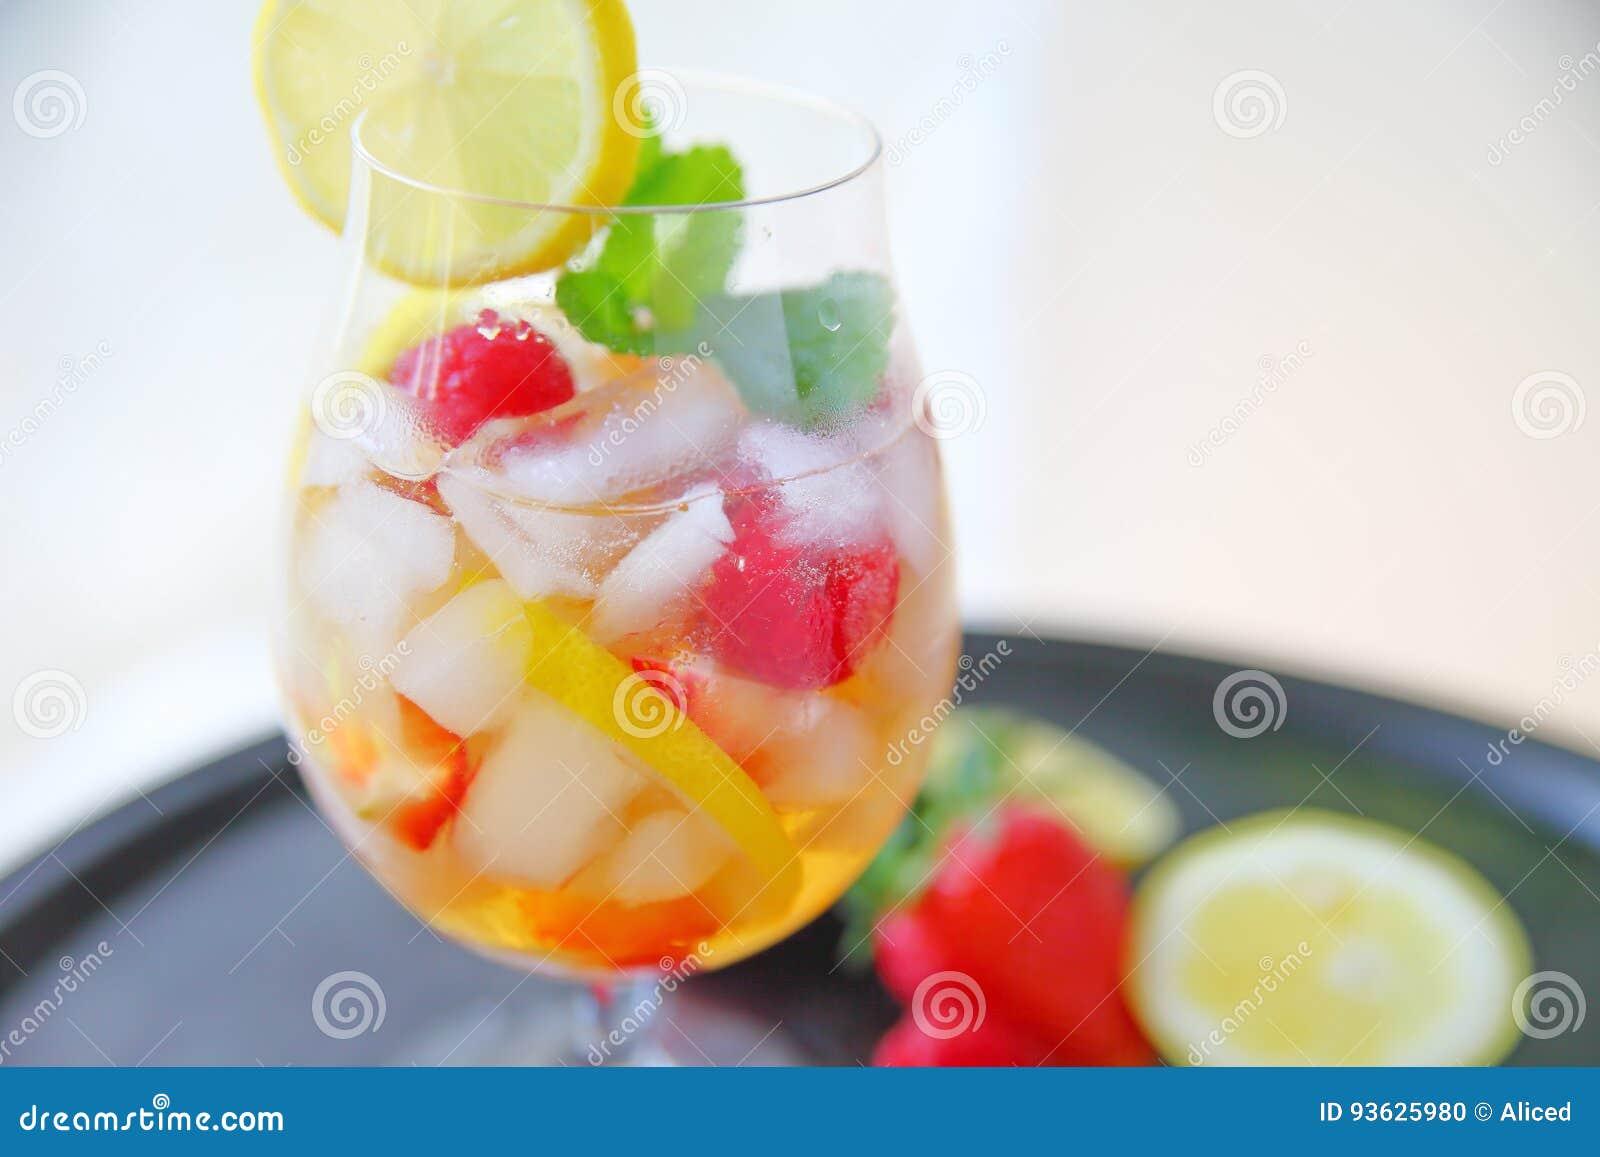 Wijnkoeler Met Licht : Witte wijnkoeler met fruit en munt stock foto afbeelding